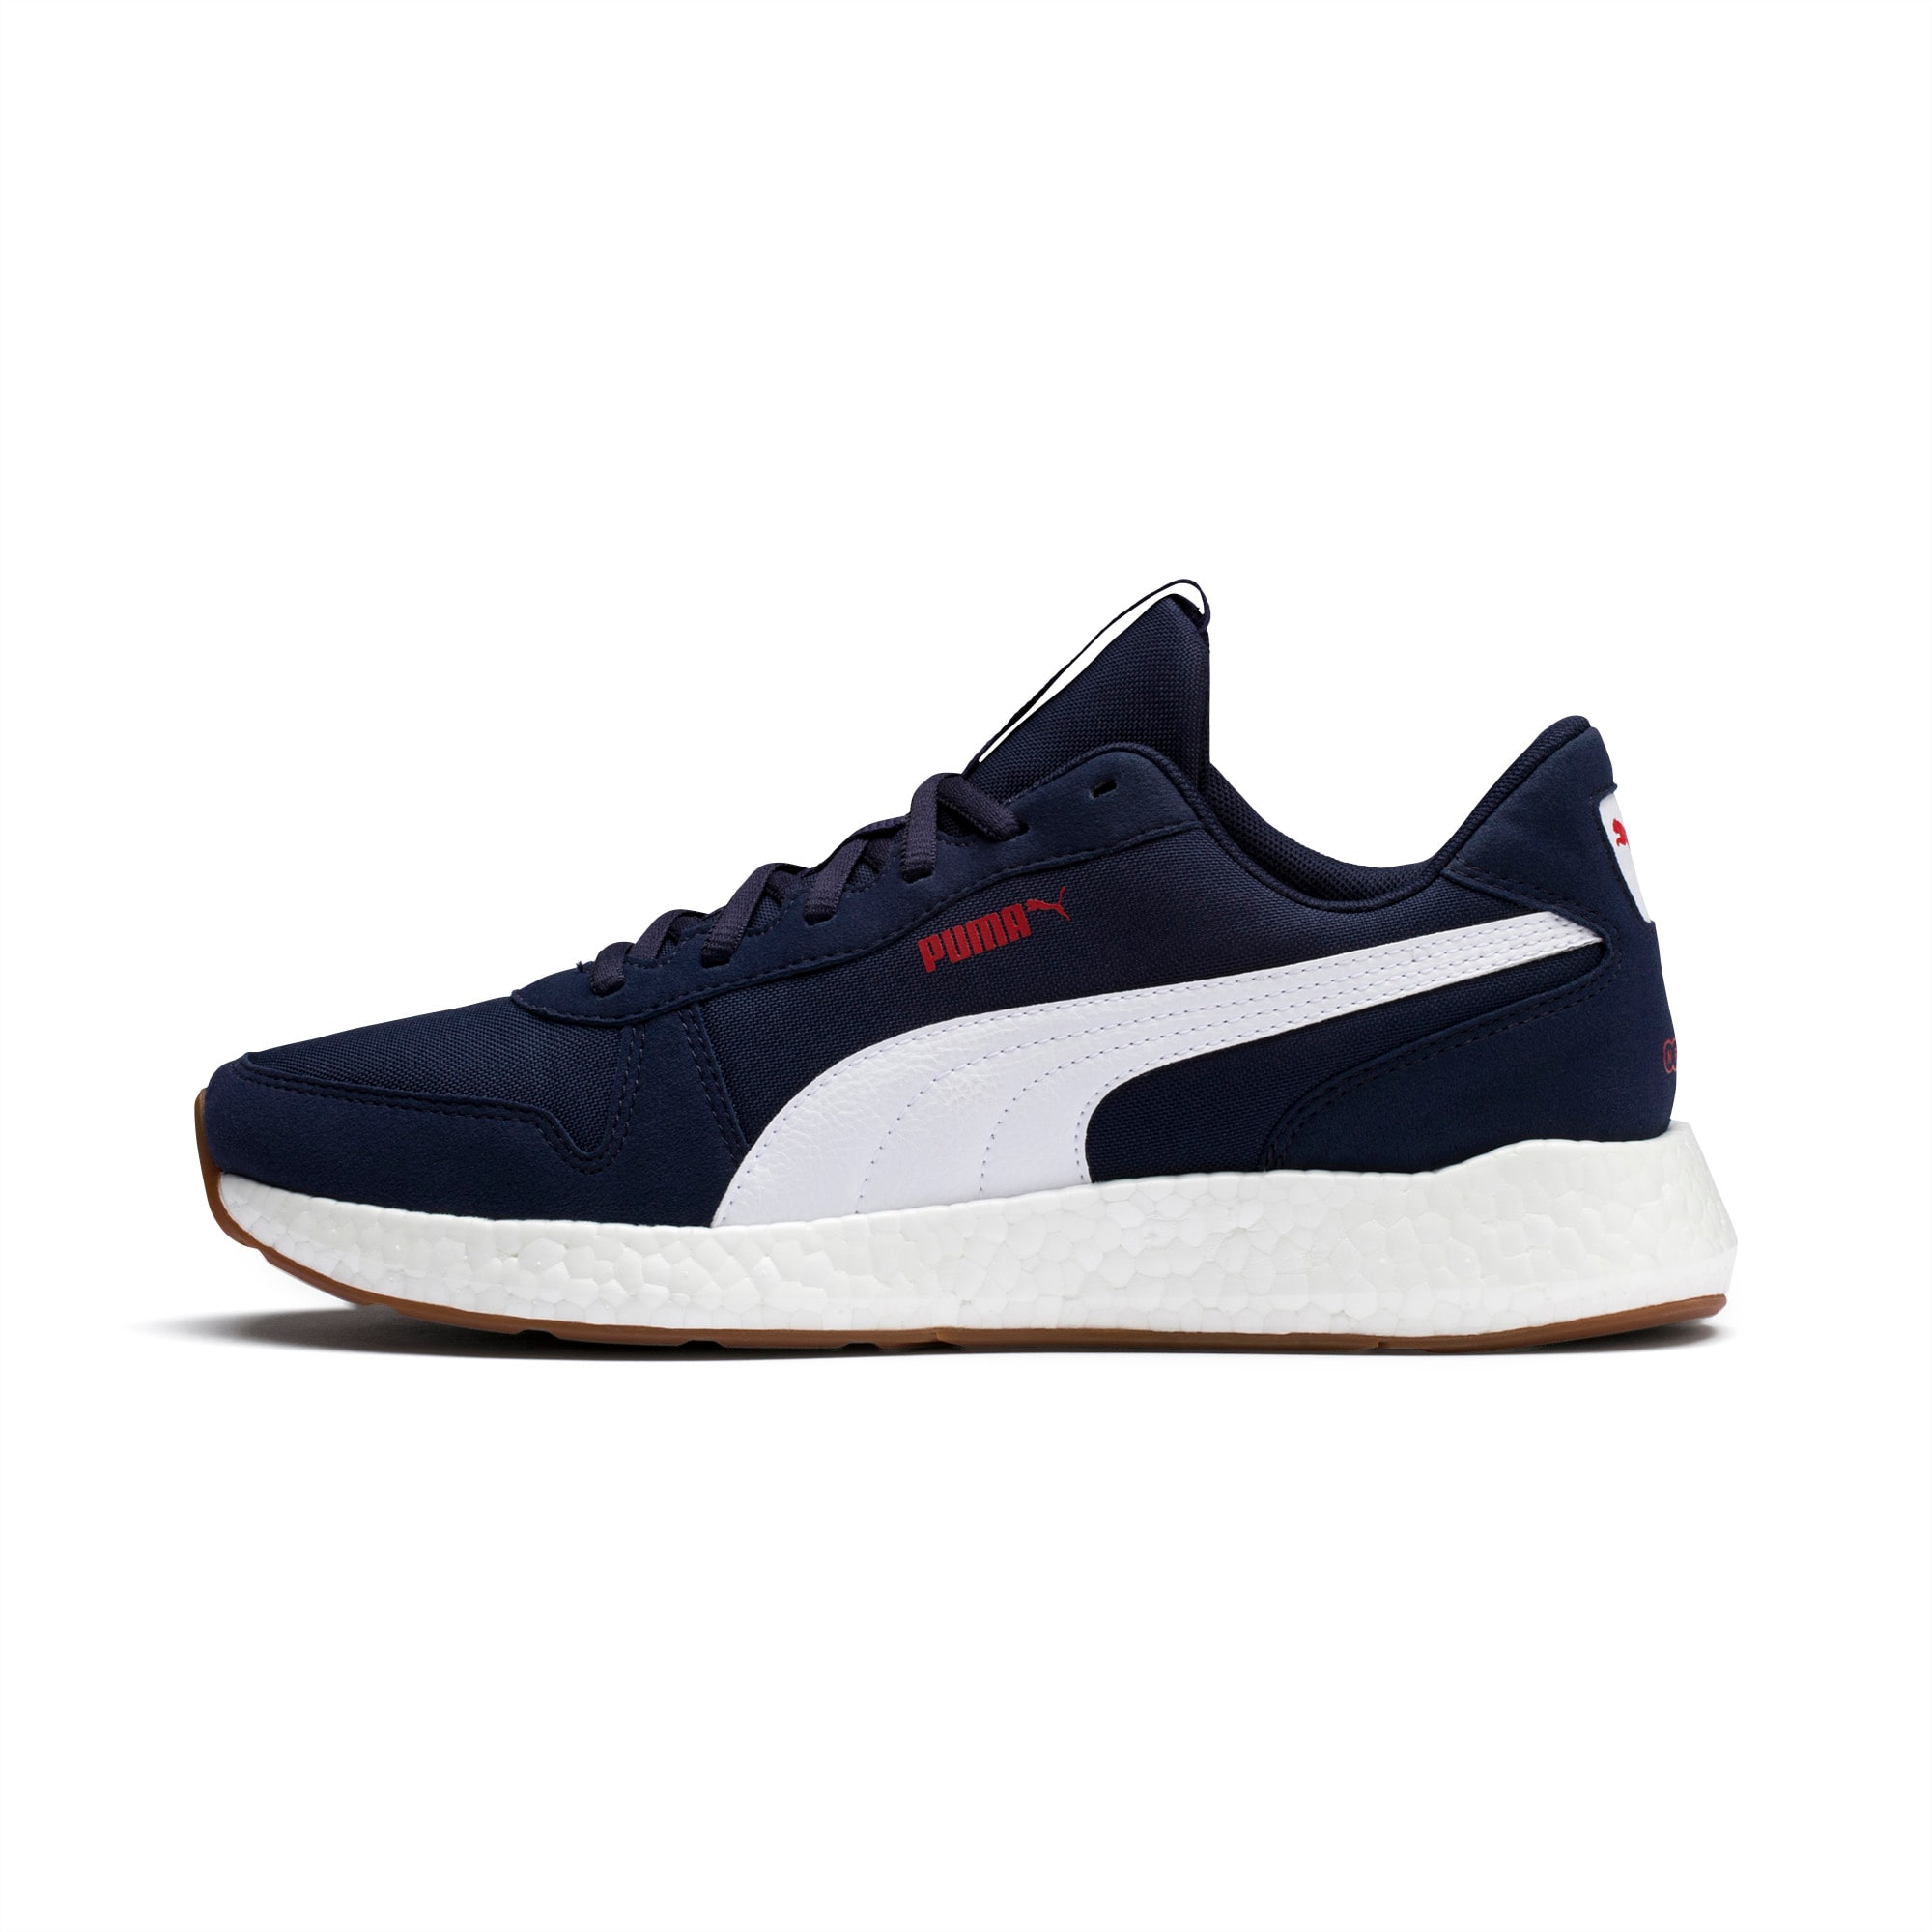 PUMA Mens Nrgy Neko Retro Running Shoes